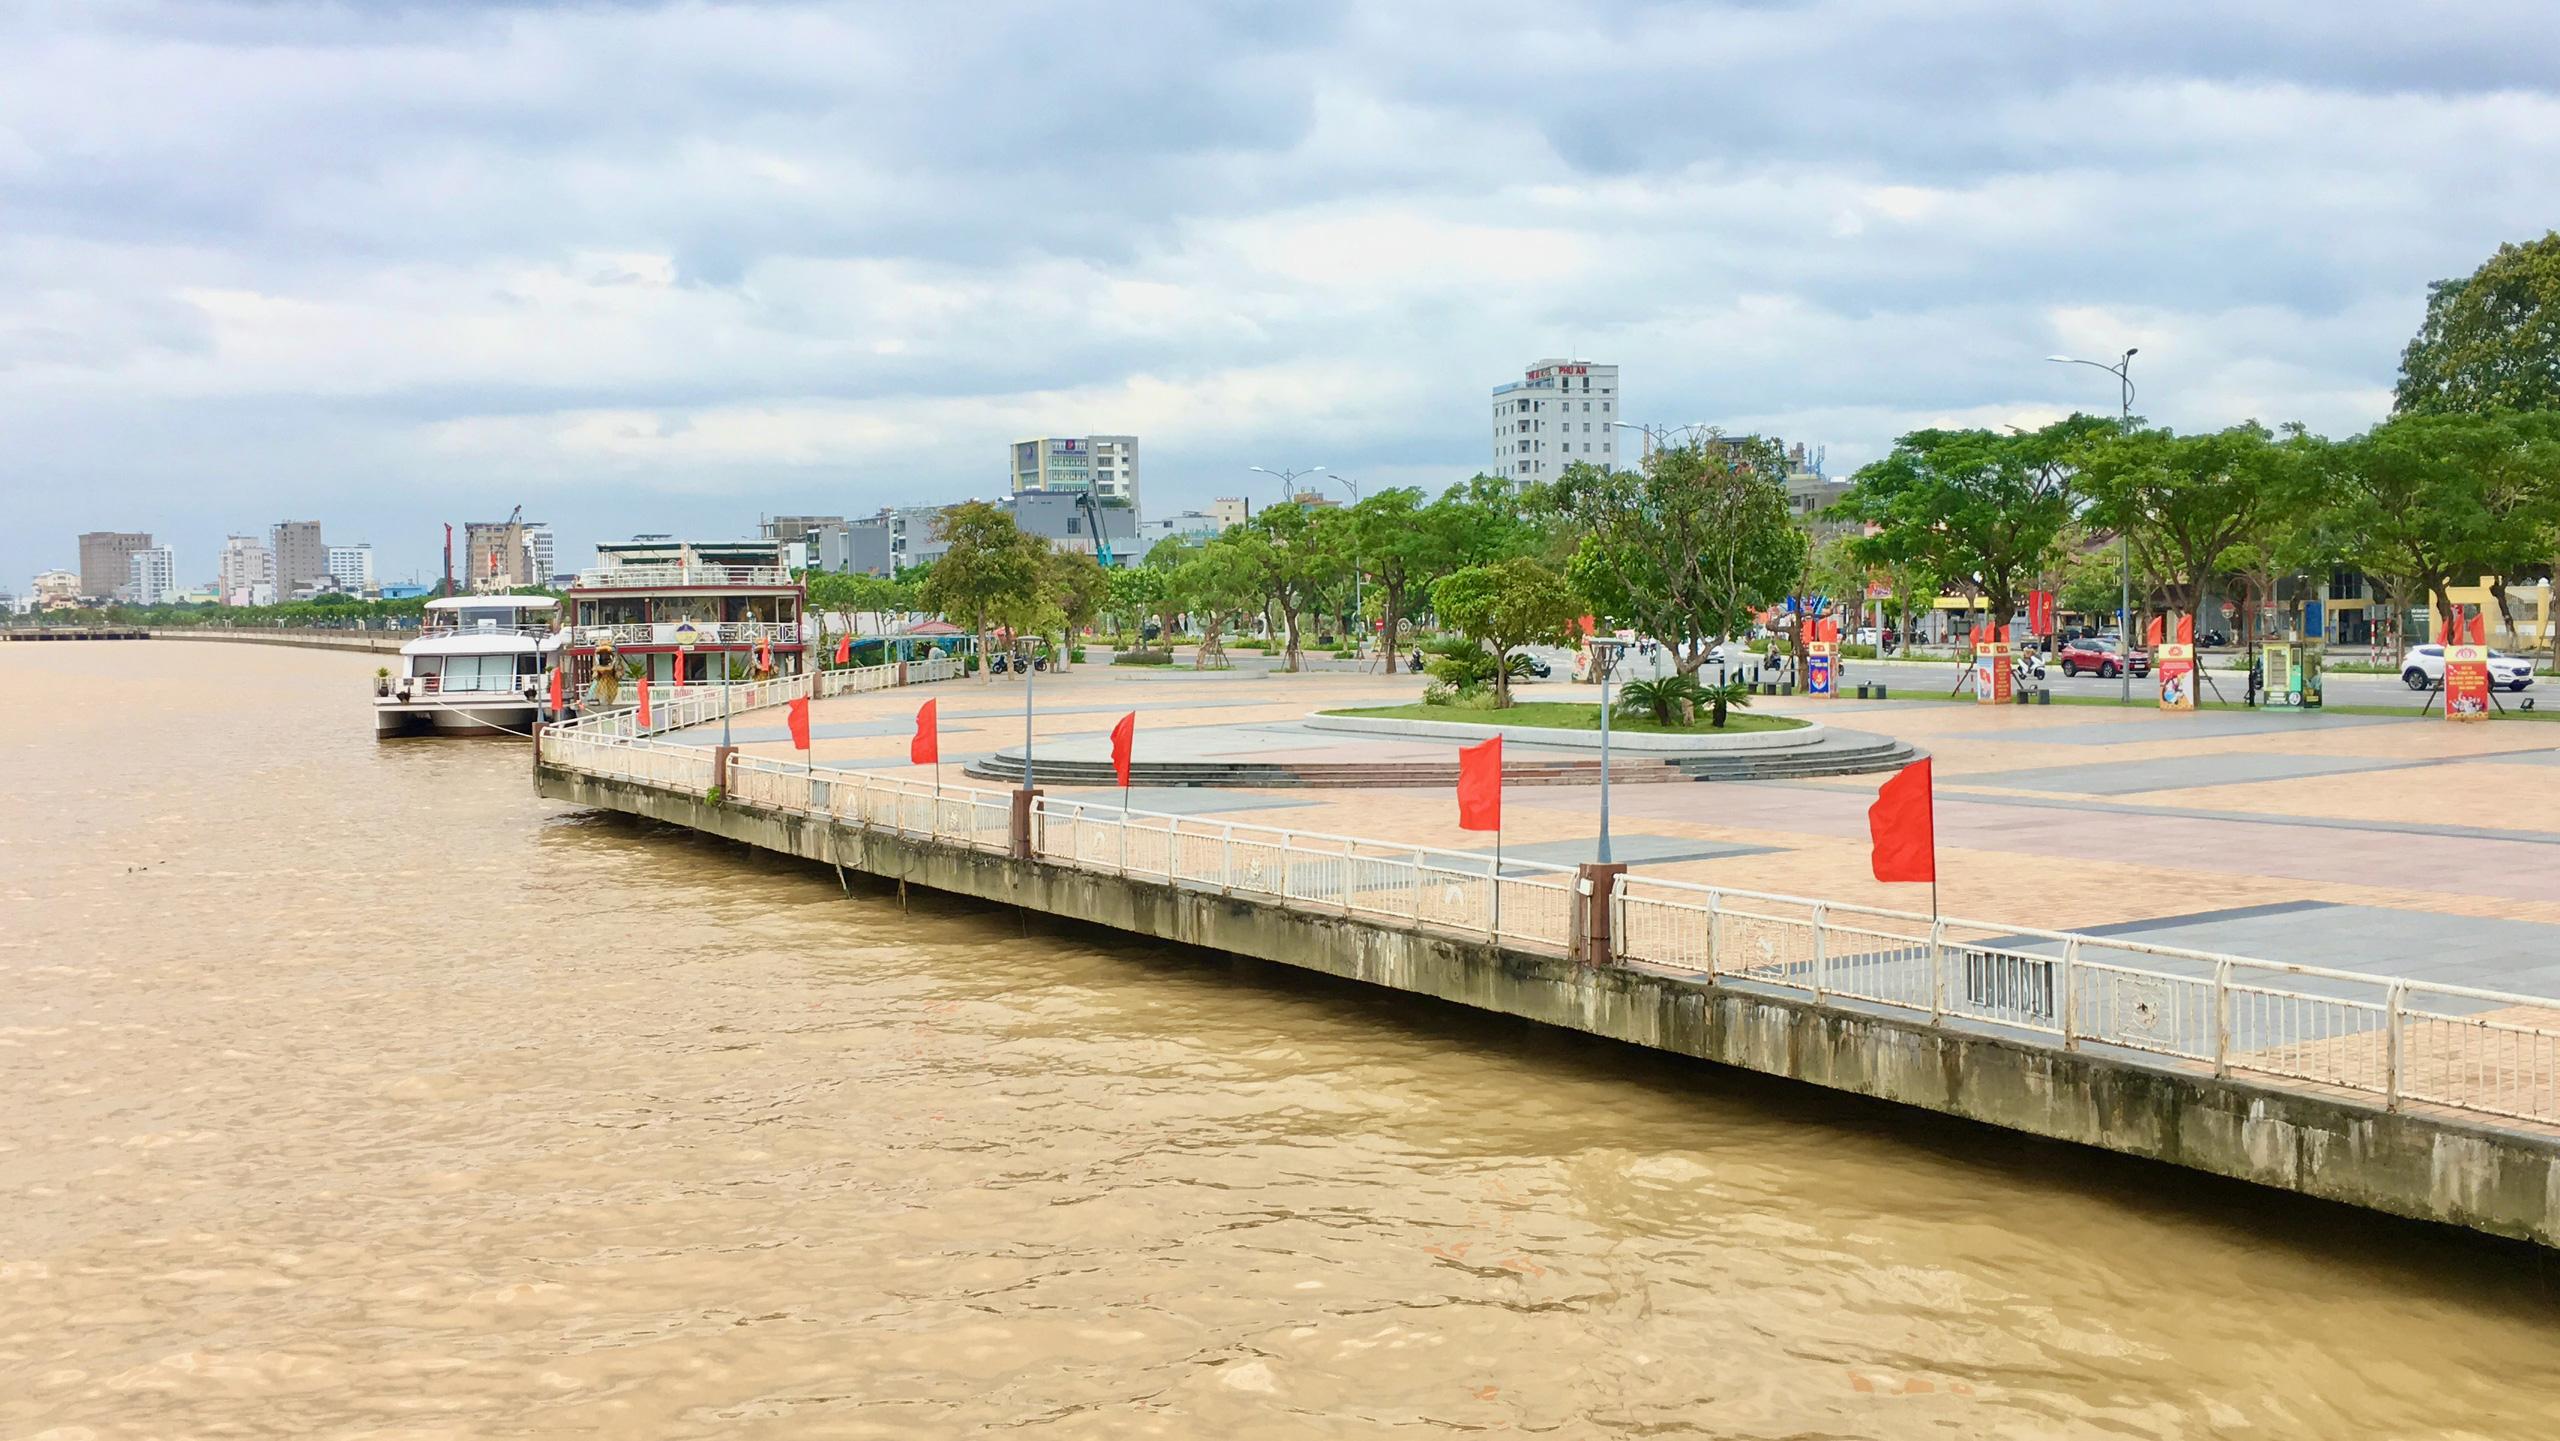 Hạ tầng ven sông Hàn Đà Nẵng hiện tại và trong tương lai - Ảnh 19.